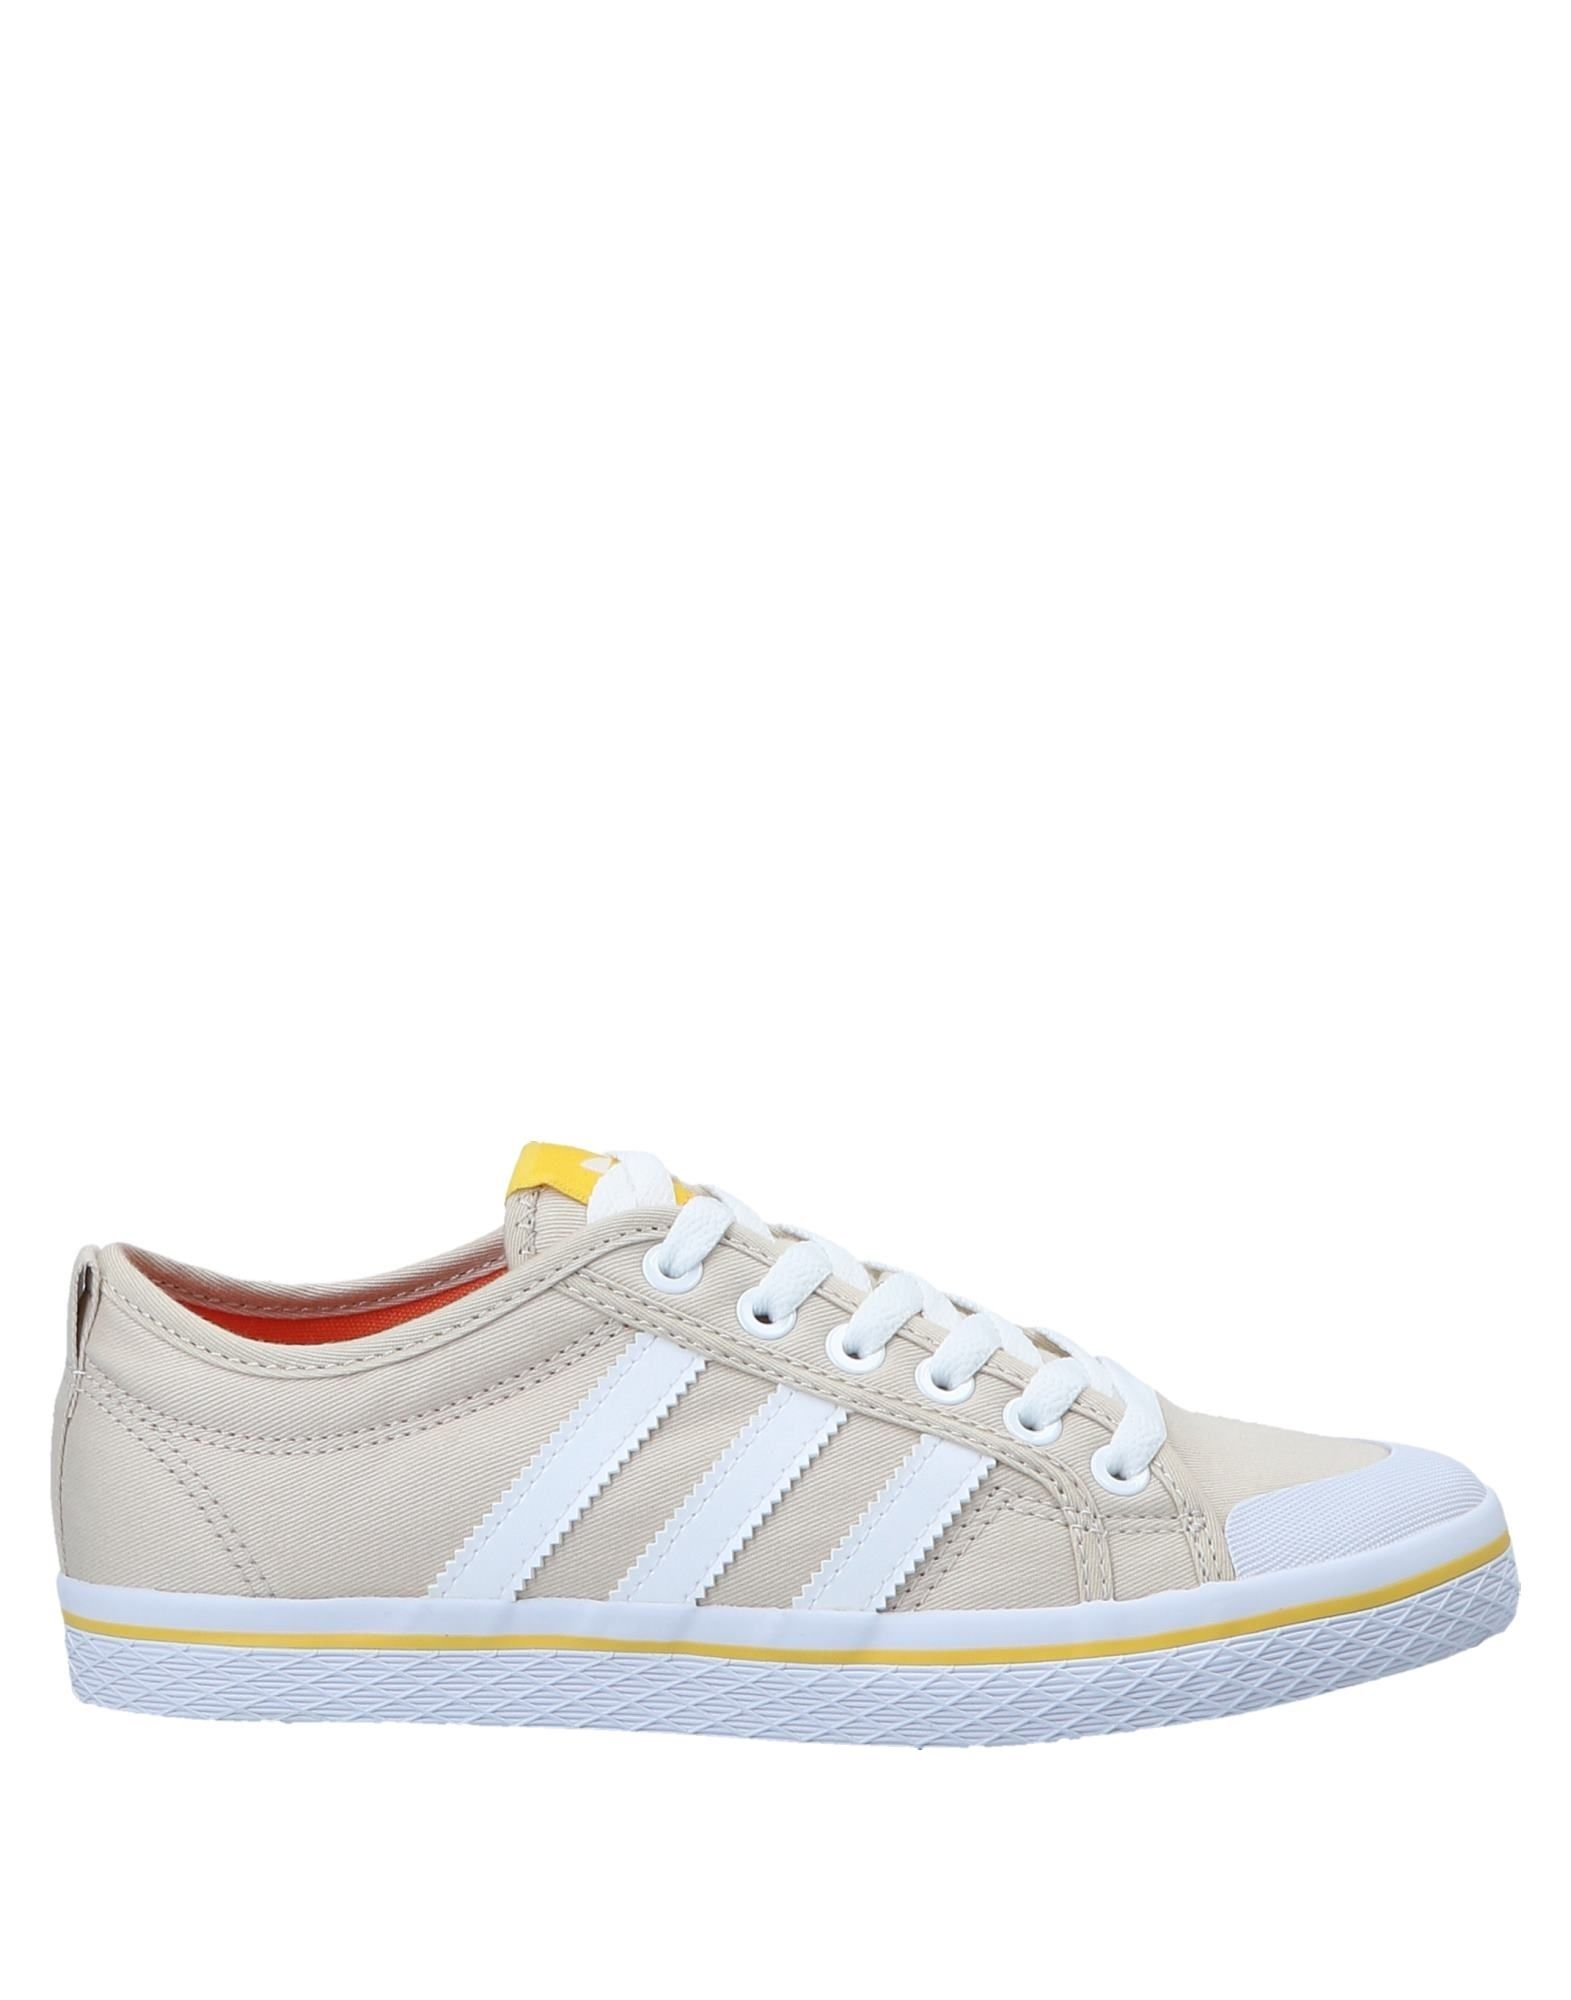 Los últimos zapatos de descuento para hombres y mujeres Zapatillas Originals Adidas Originals Mujer - Zapatillas Adidas Originals Zapatillas  Beige d50a25